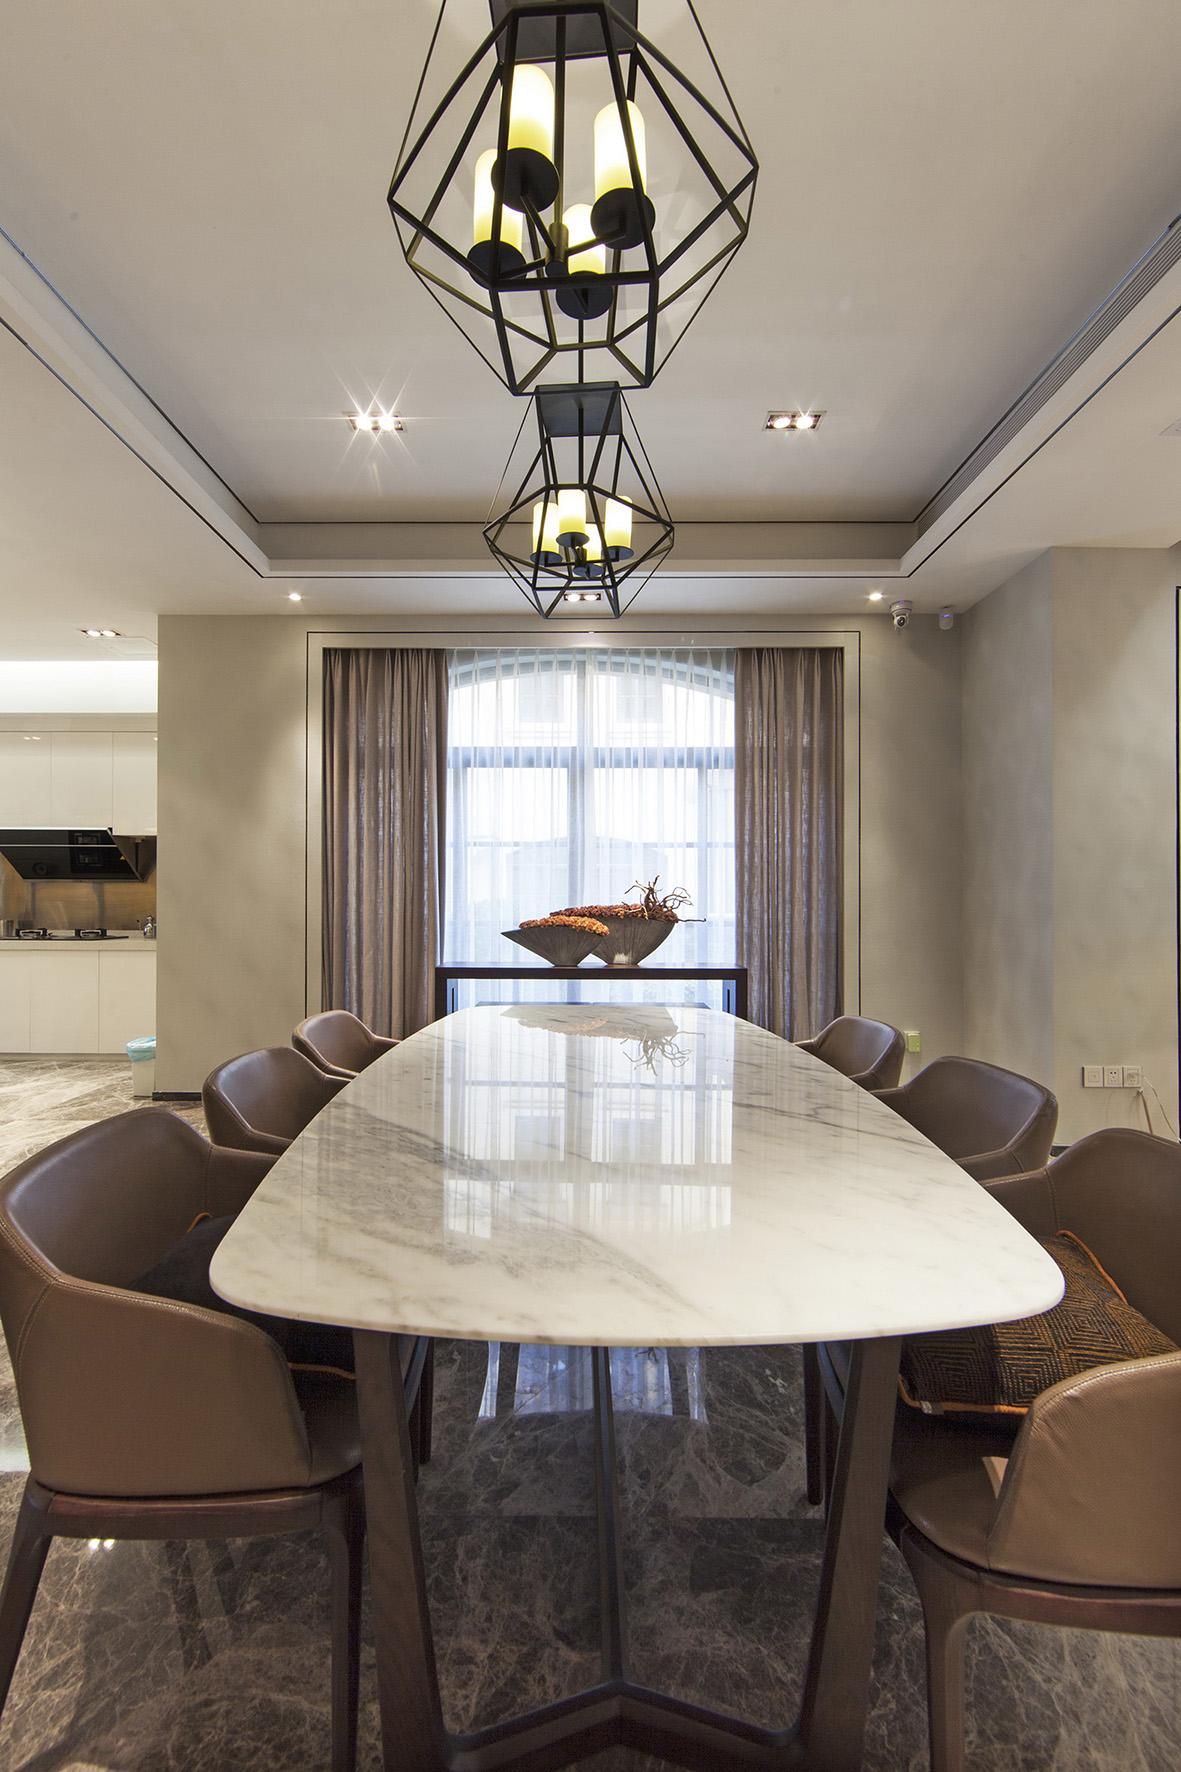 别墅 别墅装修 别墅设计 紫玉山庄 现代风格 餐厅图片来自北京高度国际在时尚不简单,紫玉山庄现代风格的分享